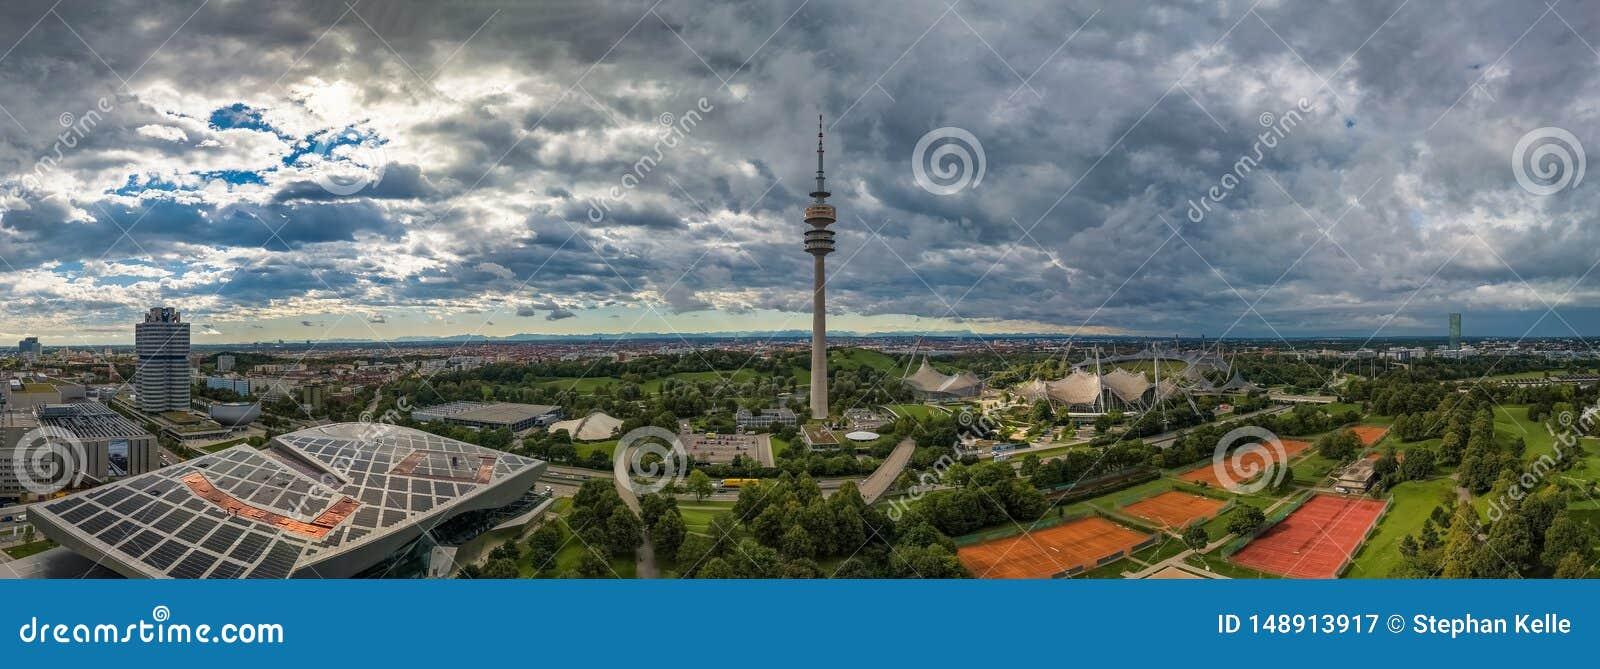 Vista aerea di Olympiapark e della torre olimpica Monaco di Baviera di Olympiaturm